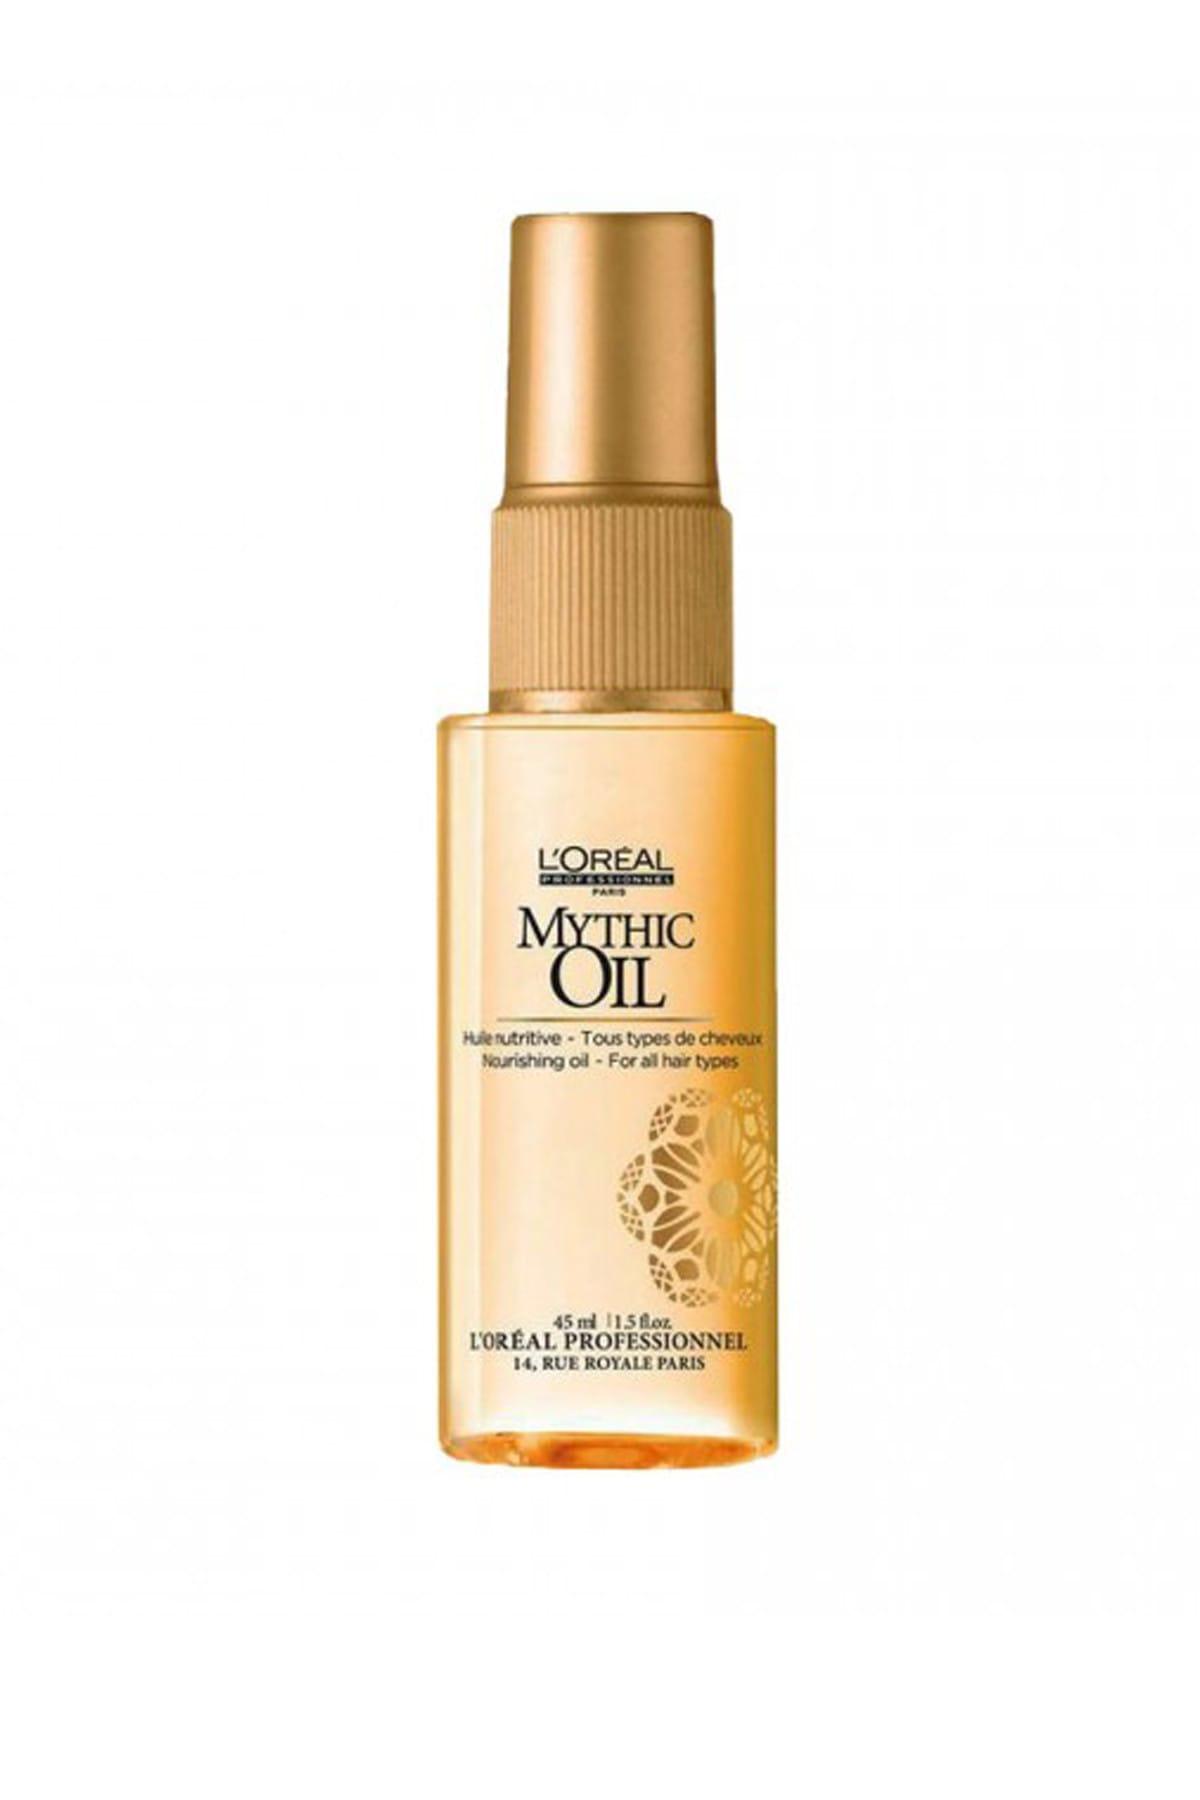 Mythic Oil Efsane Fön Yağı 45ml